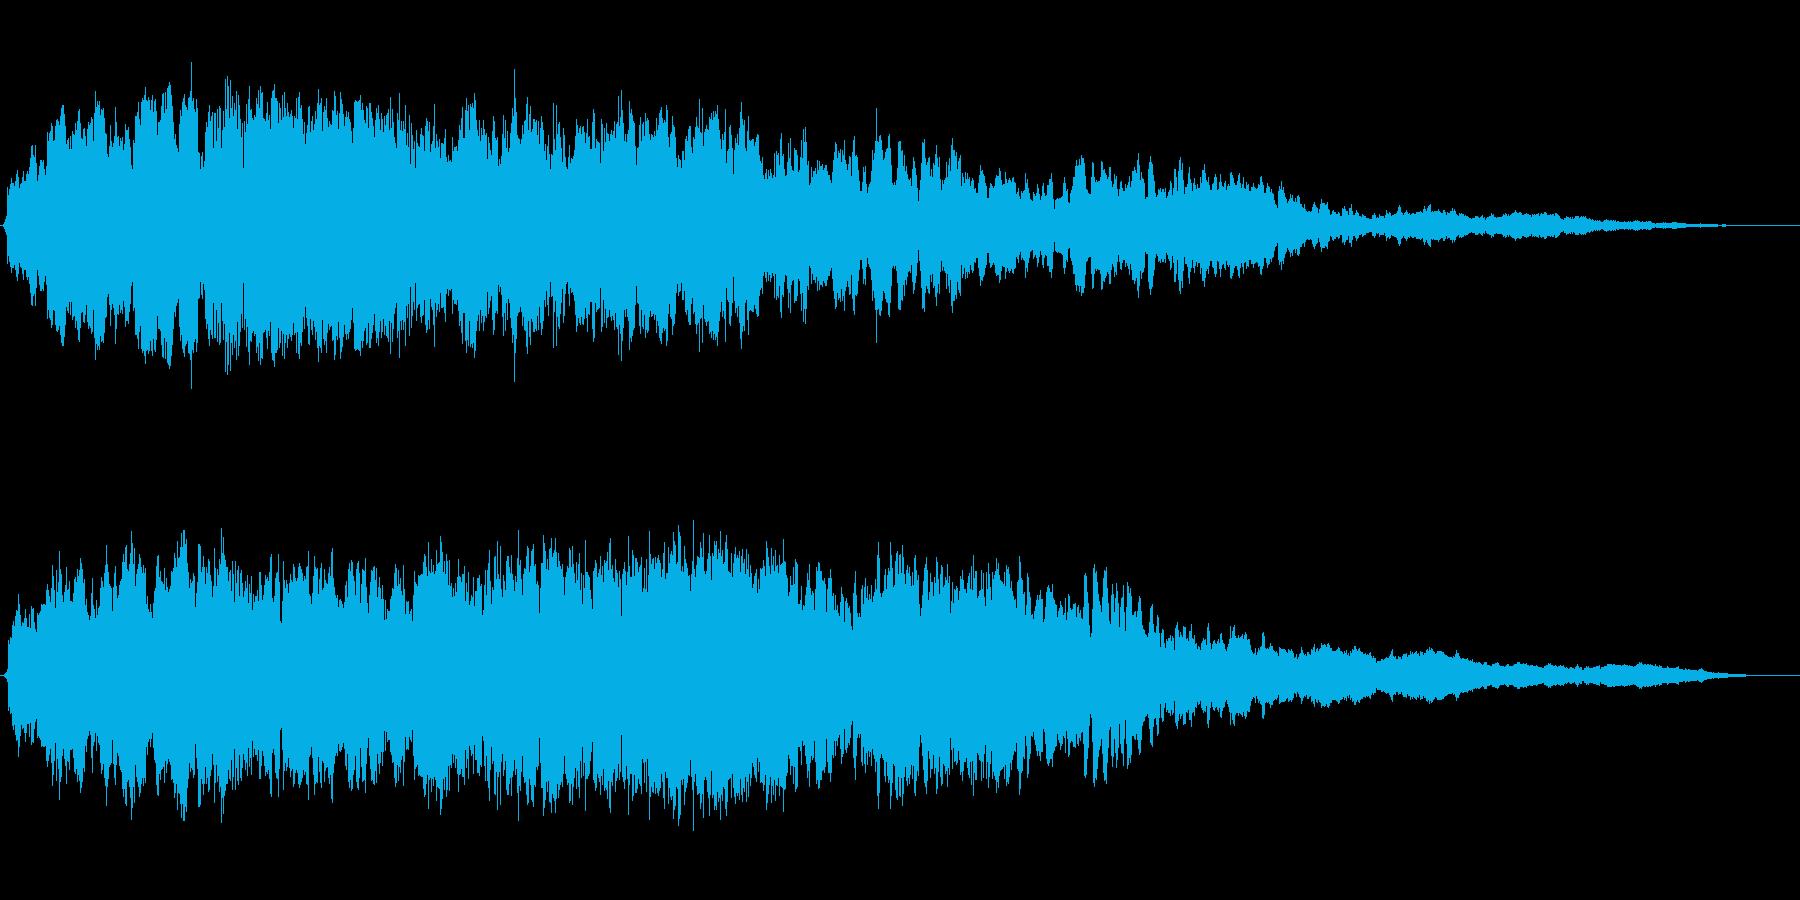 「ピアノの旋律が幻想的なBGM」の再生済みの波形